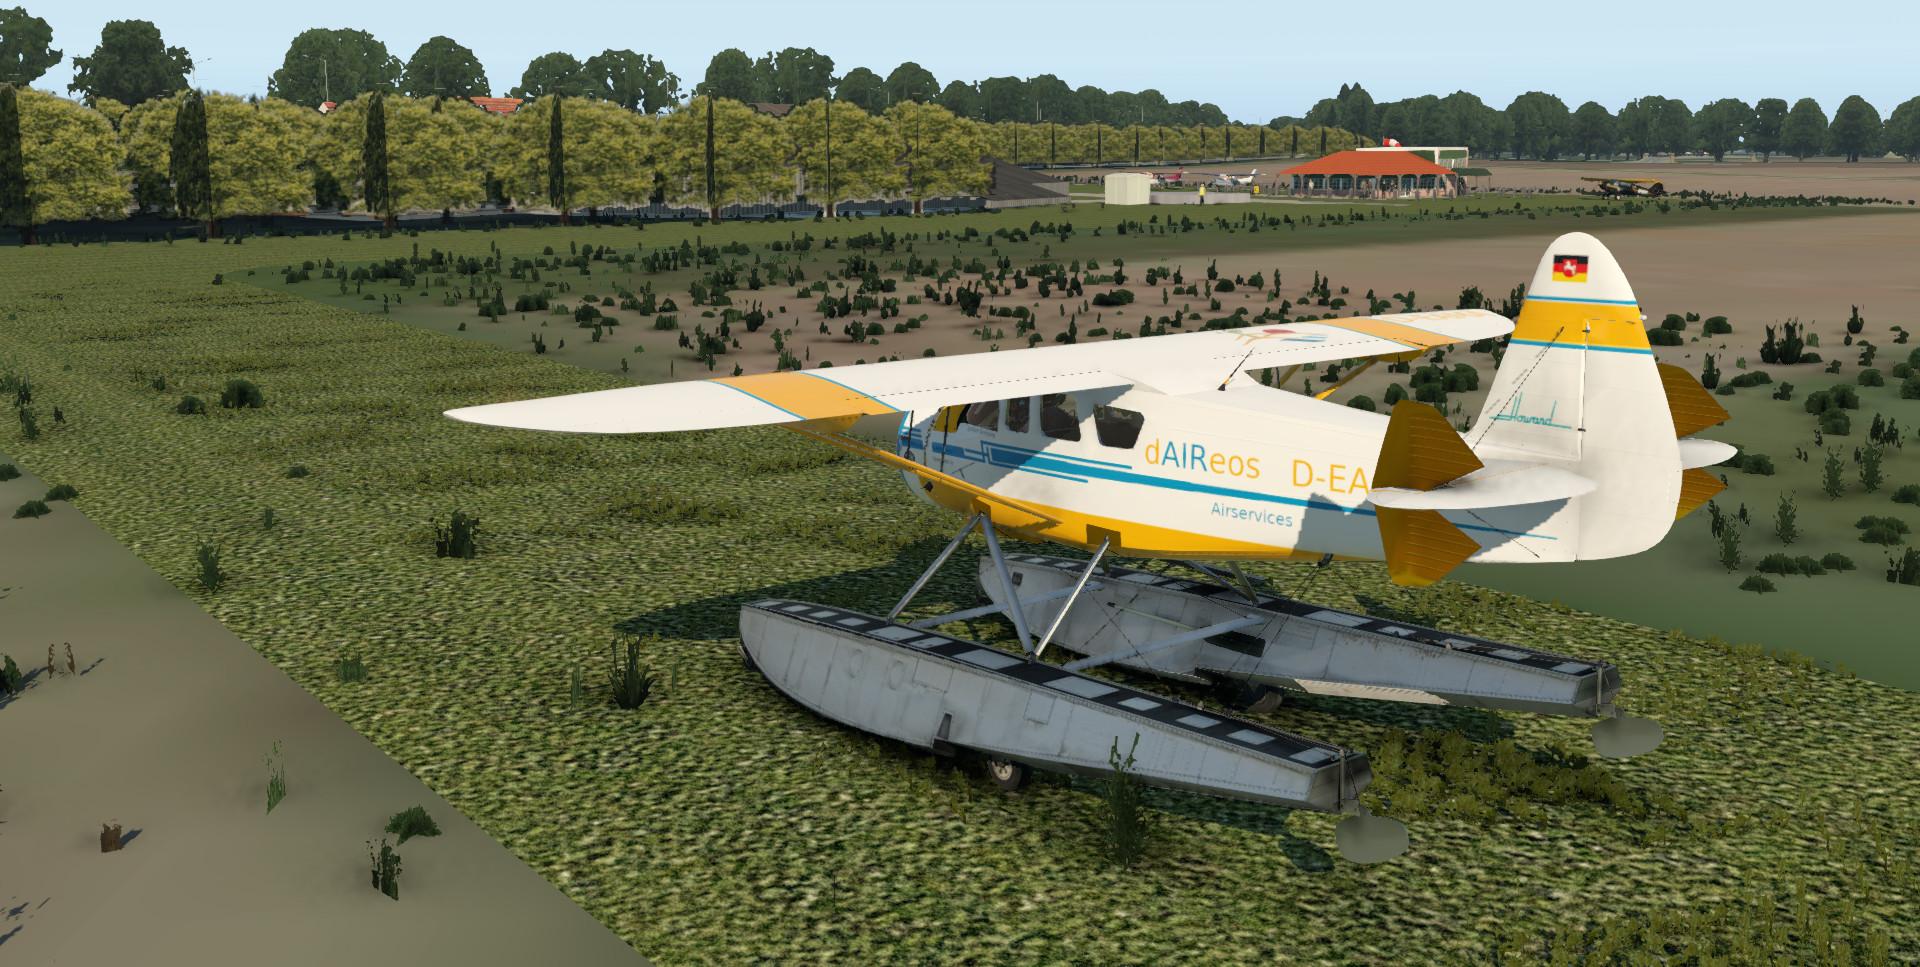 nordseerundflug-0477bjbp.jpg